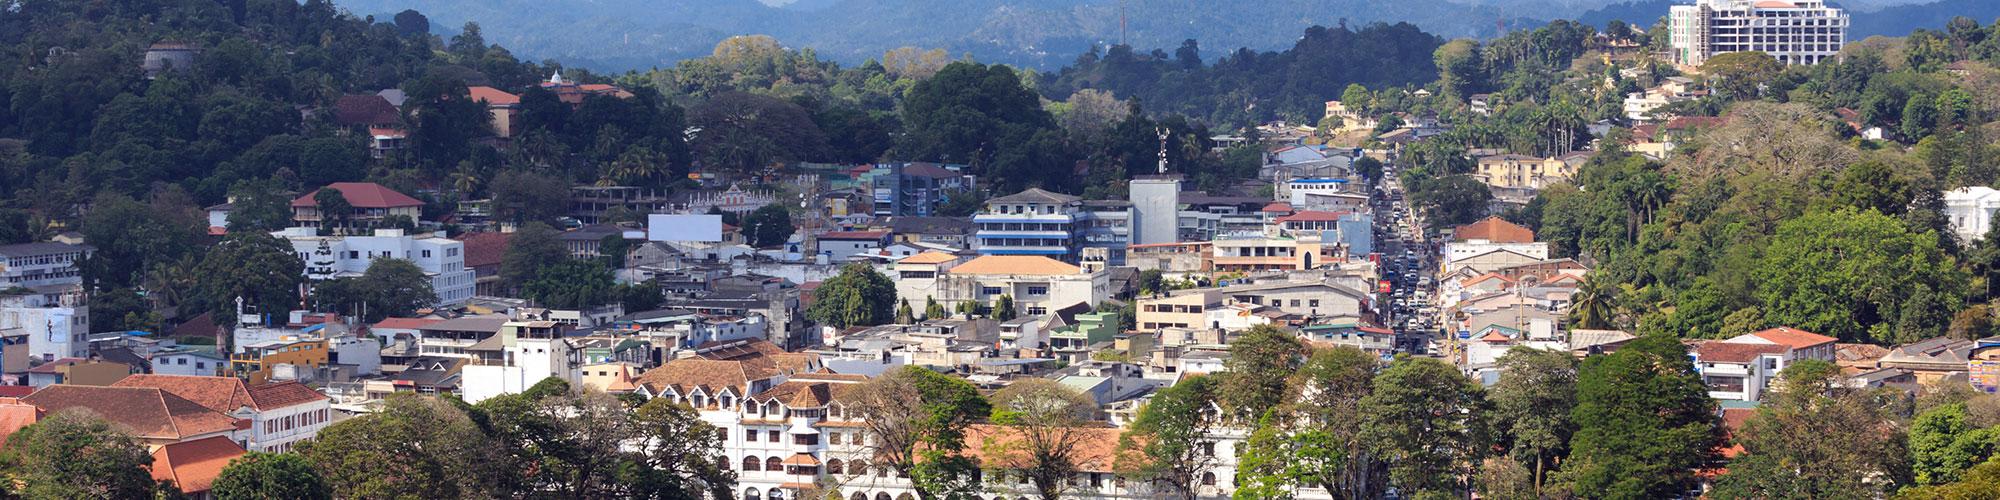 Tagesausflug nach Kandy mit Zugfahrt